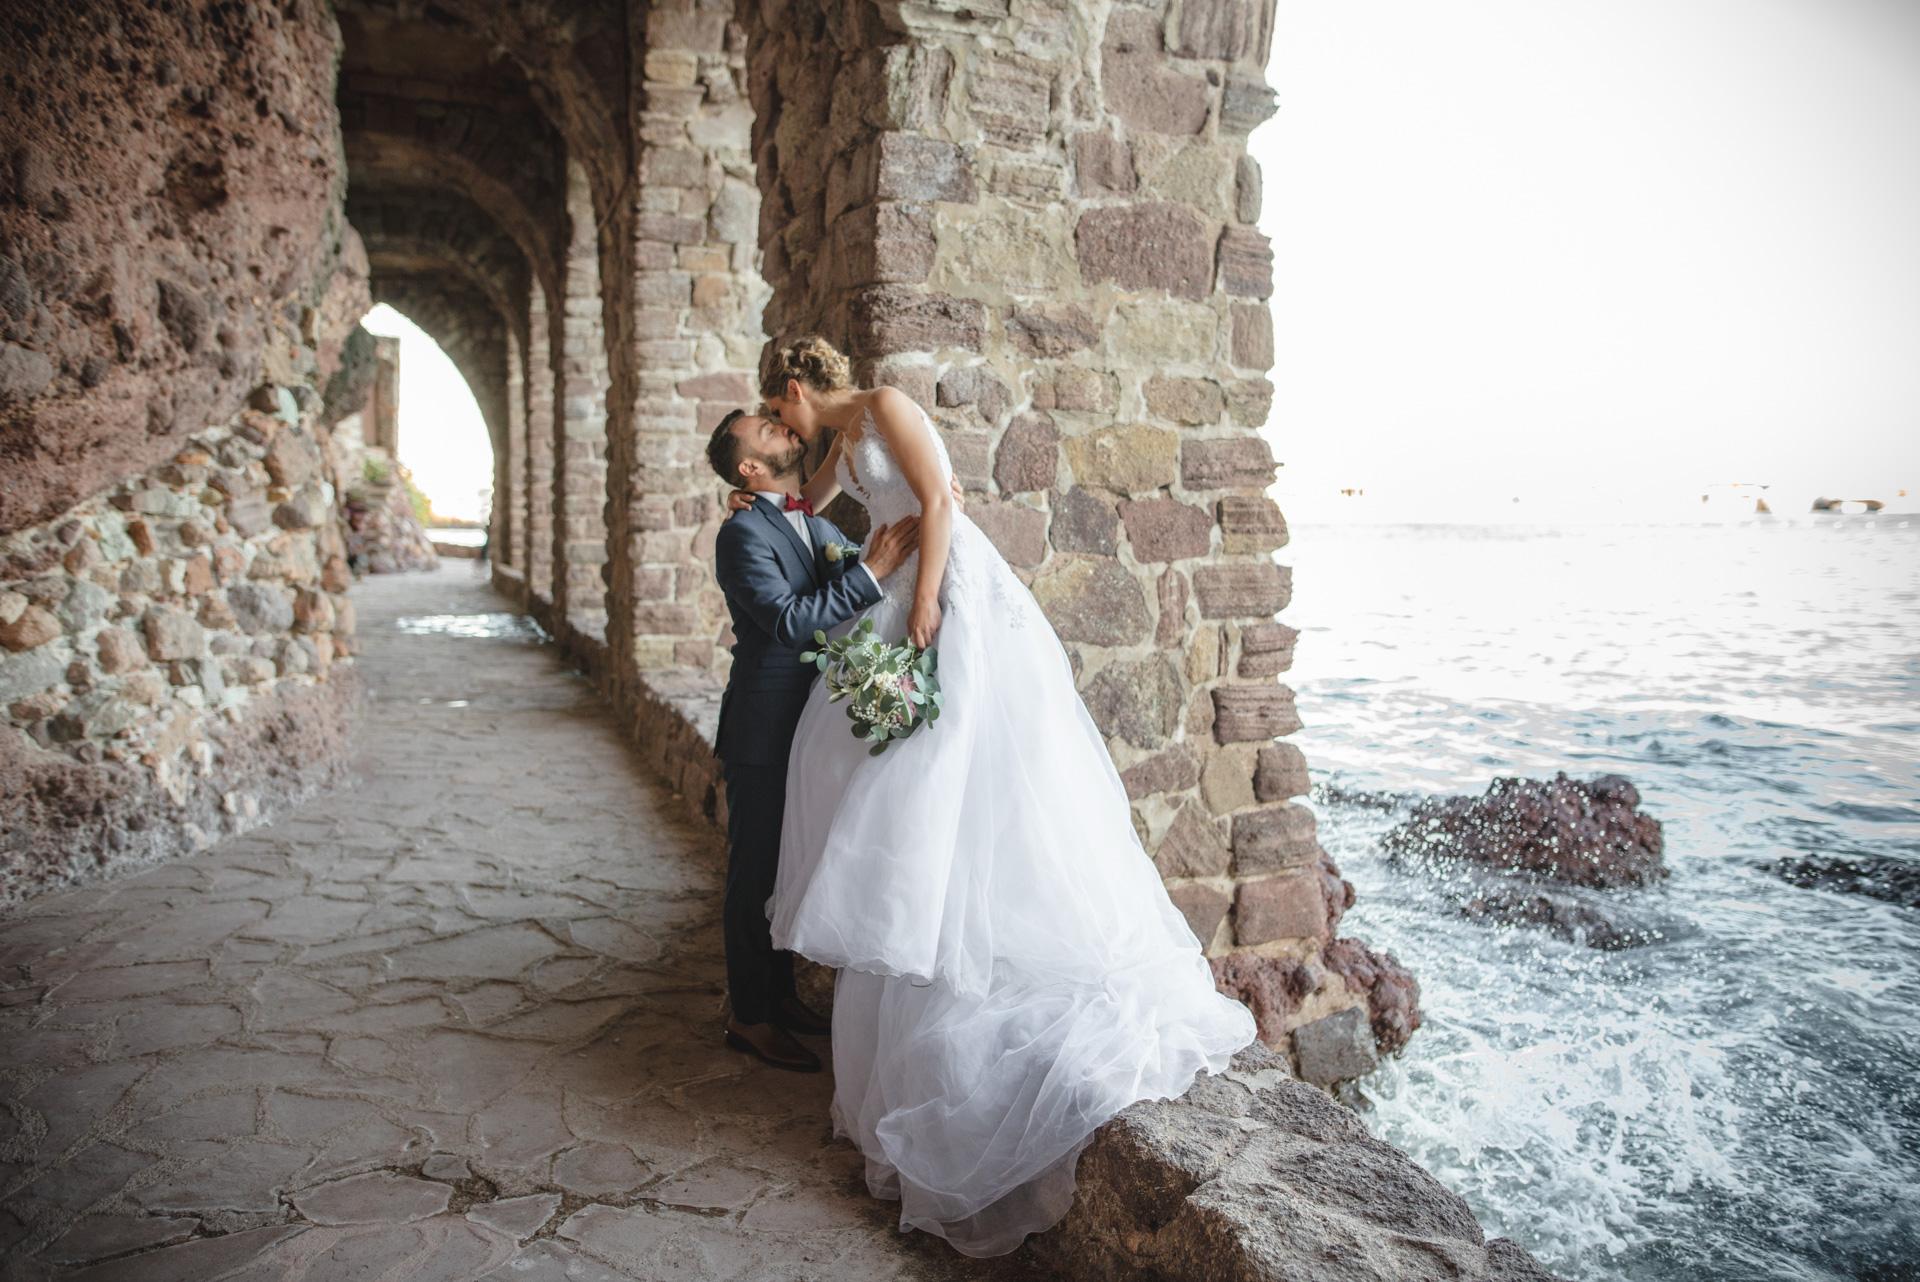 Photographe de mariage à Mandelieu-La Napoule